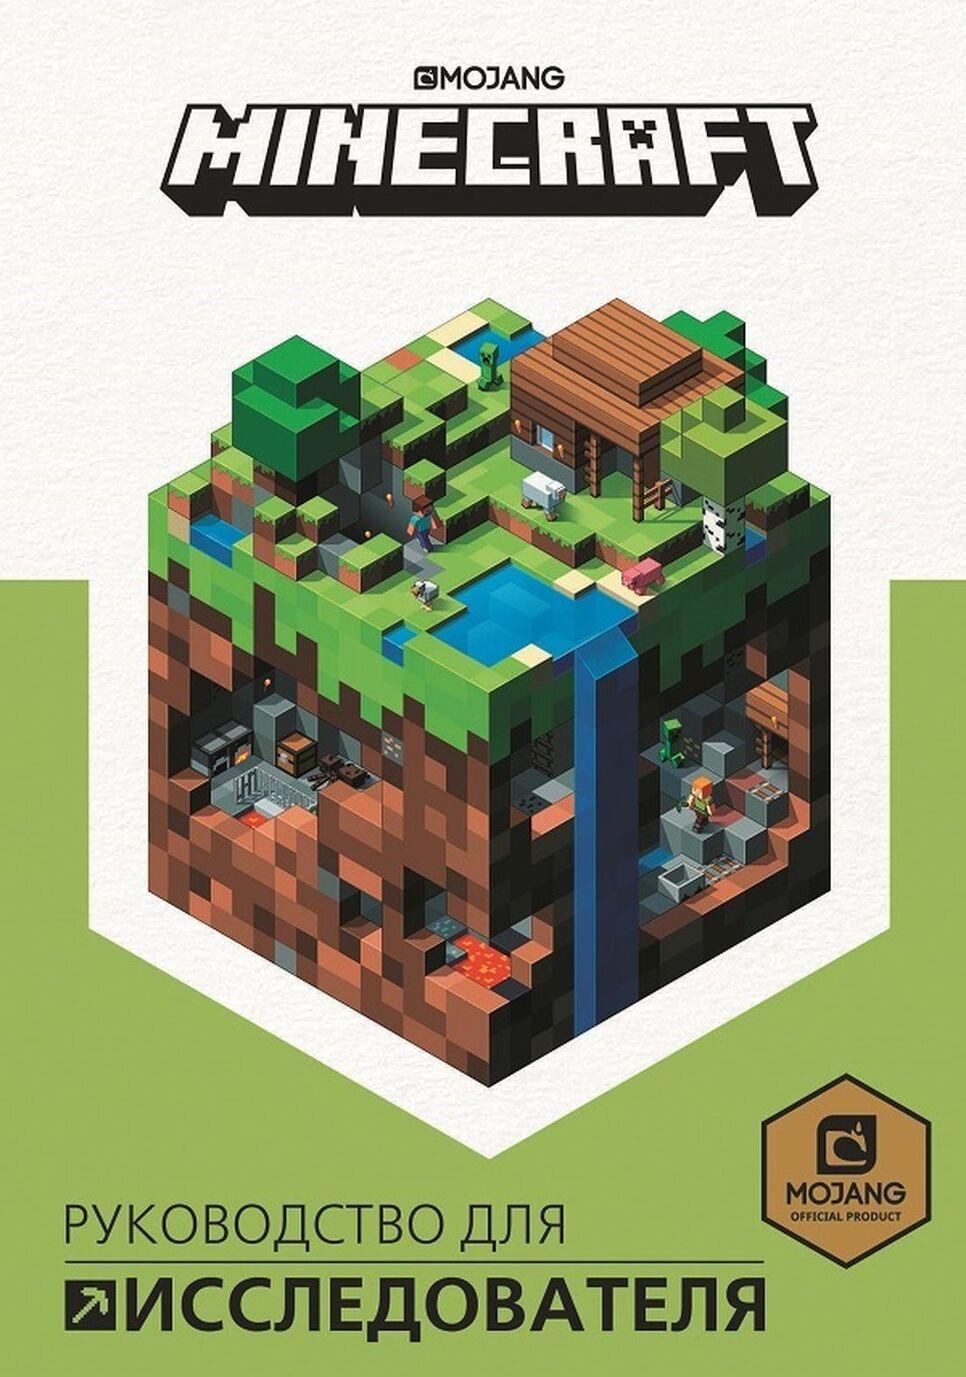 Minecraft. Rukovodstvo dlja issledovatelja